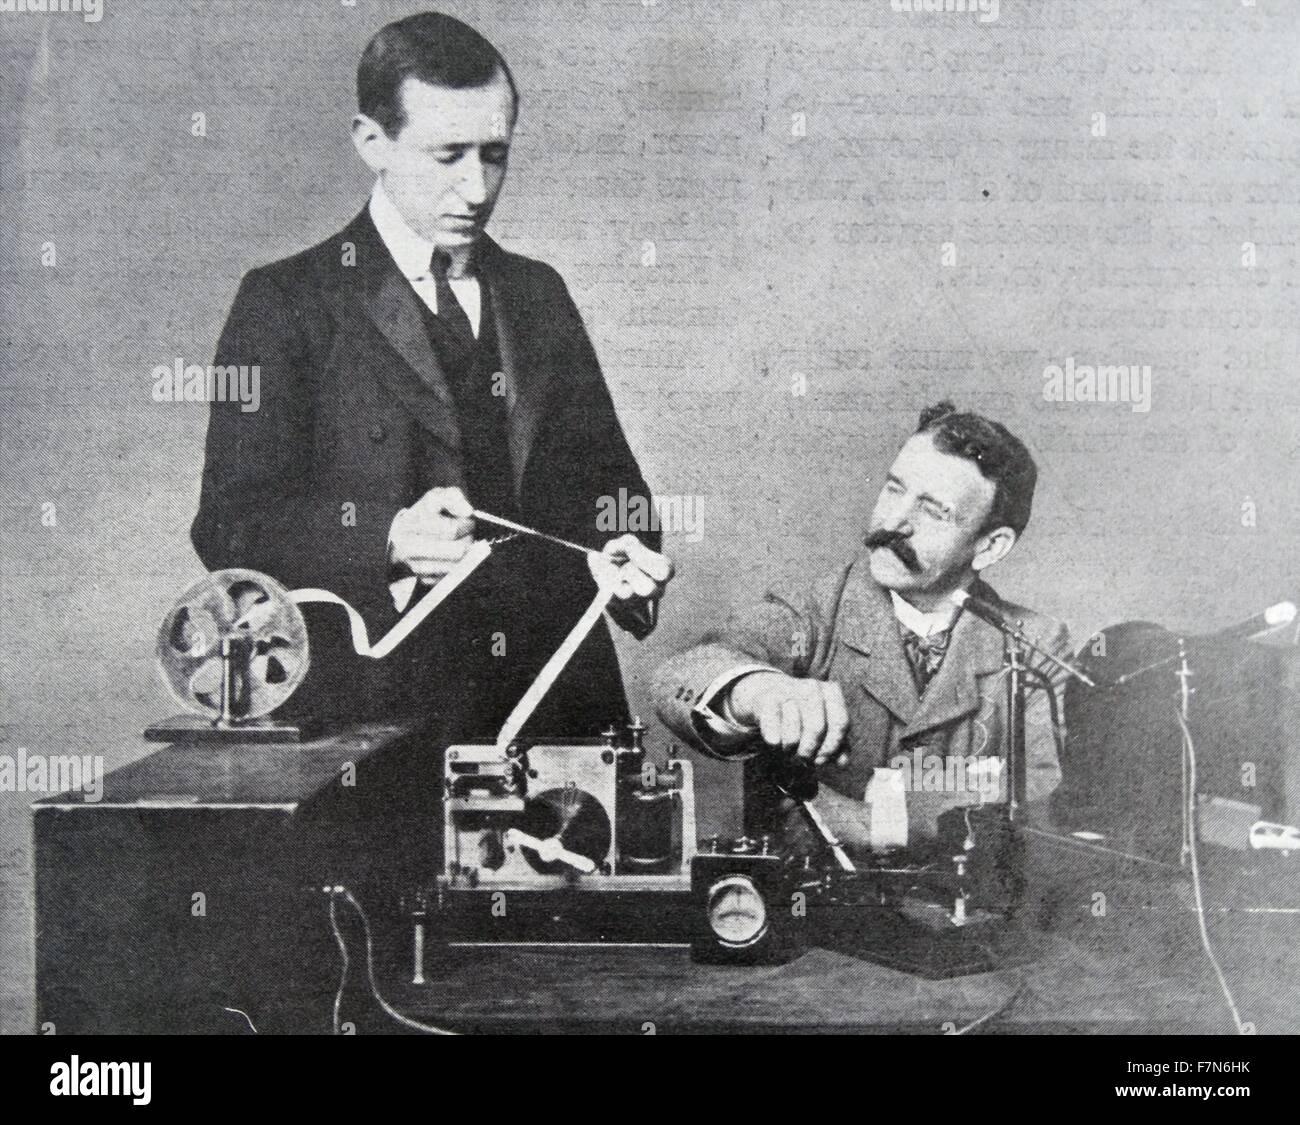 Marconi aparato operativo similar al utilizado por él para transmitir la primera señal inalámbrica Imagen De Stock